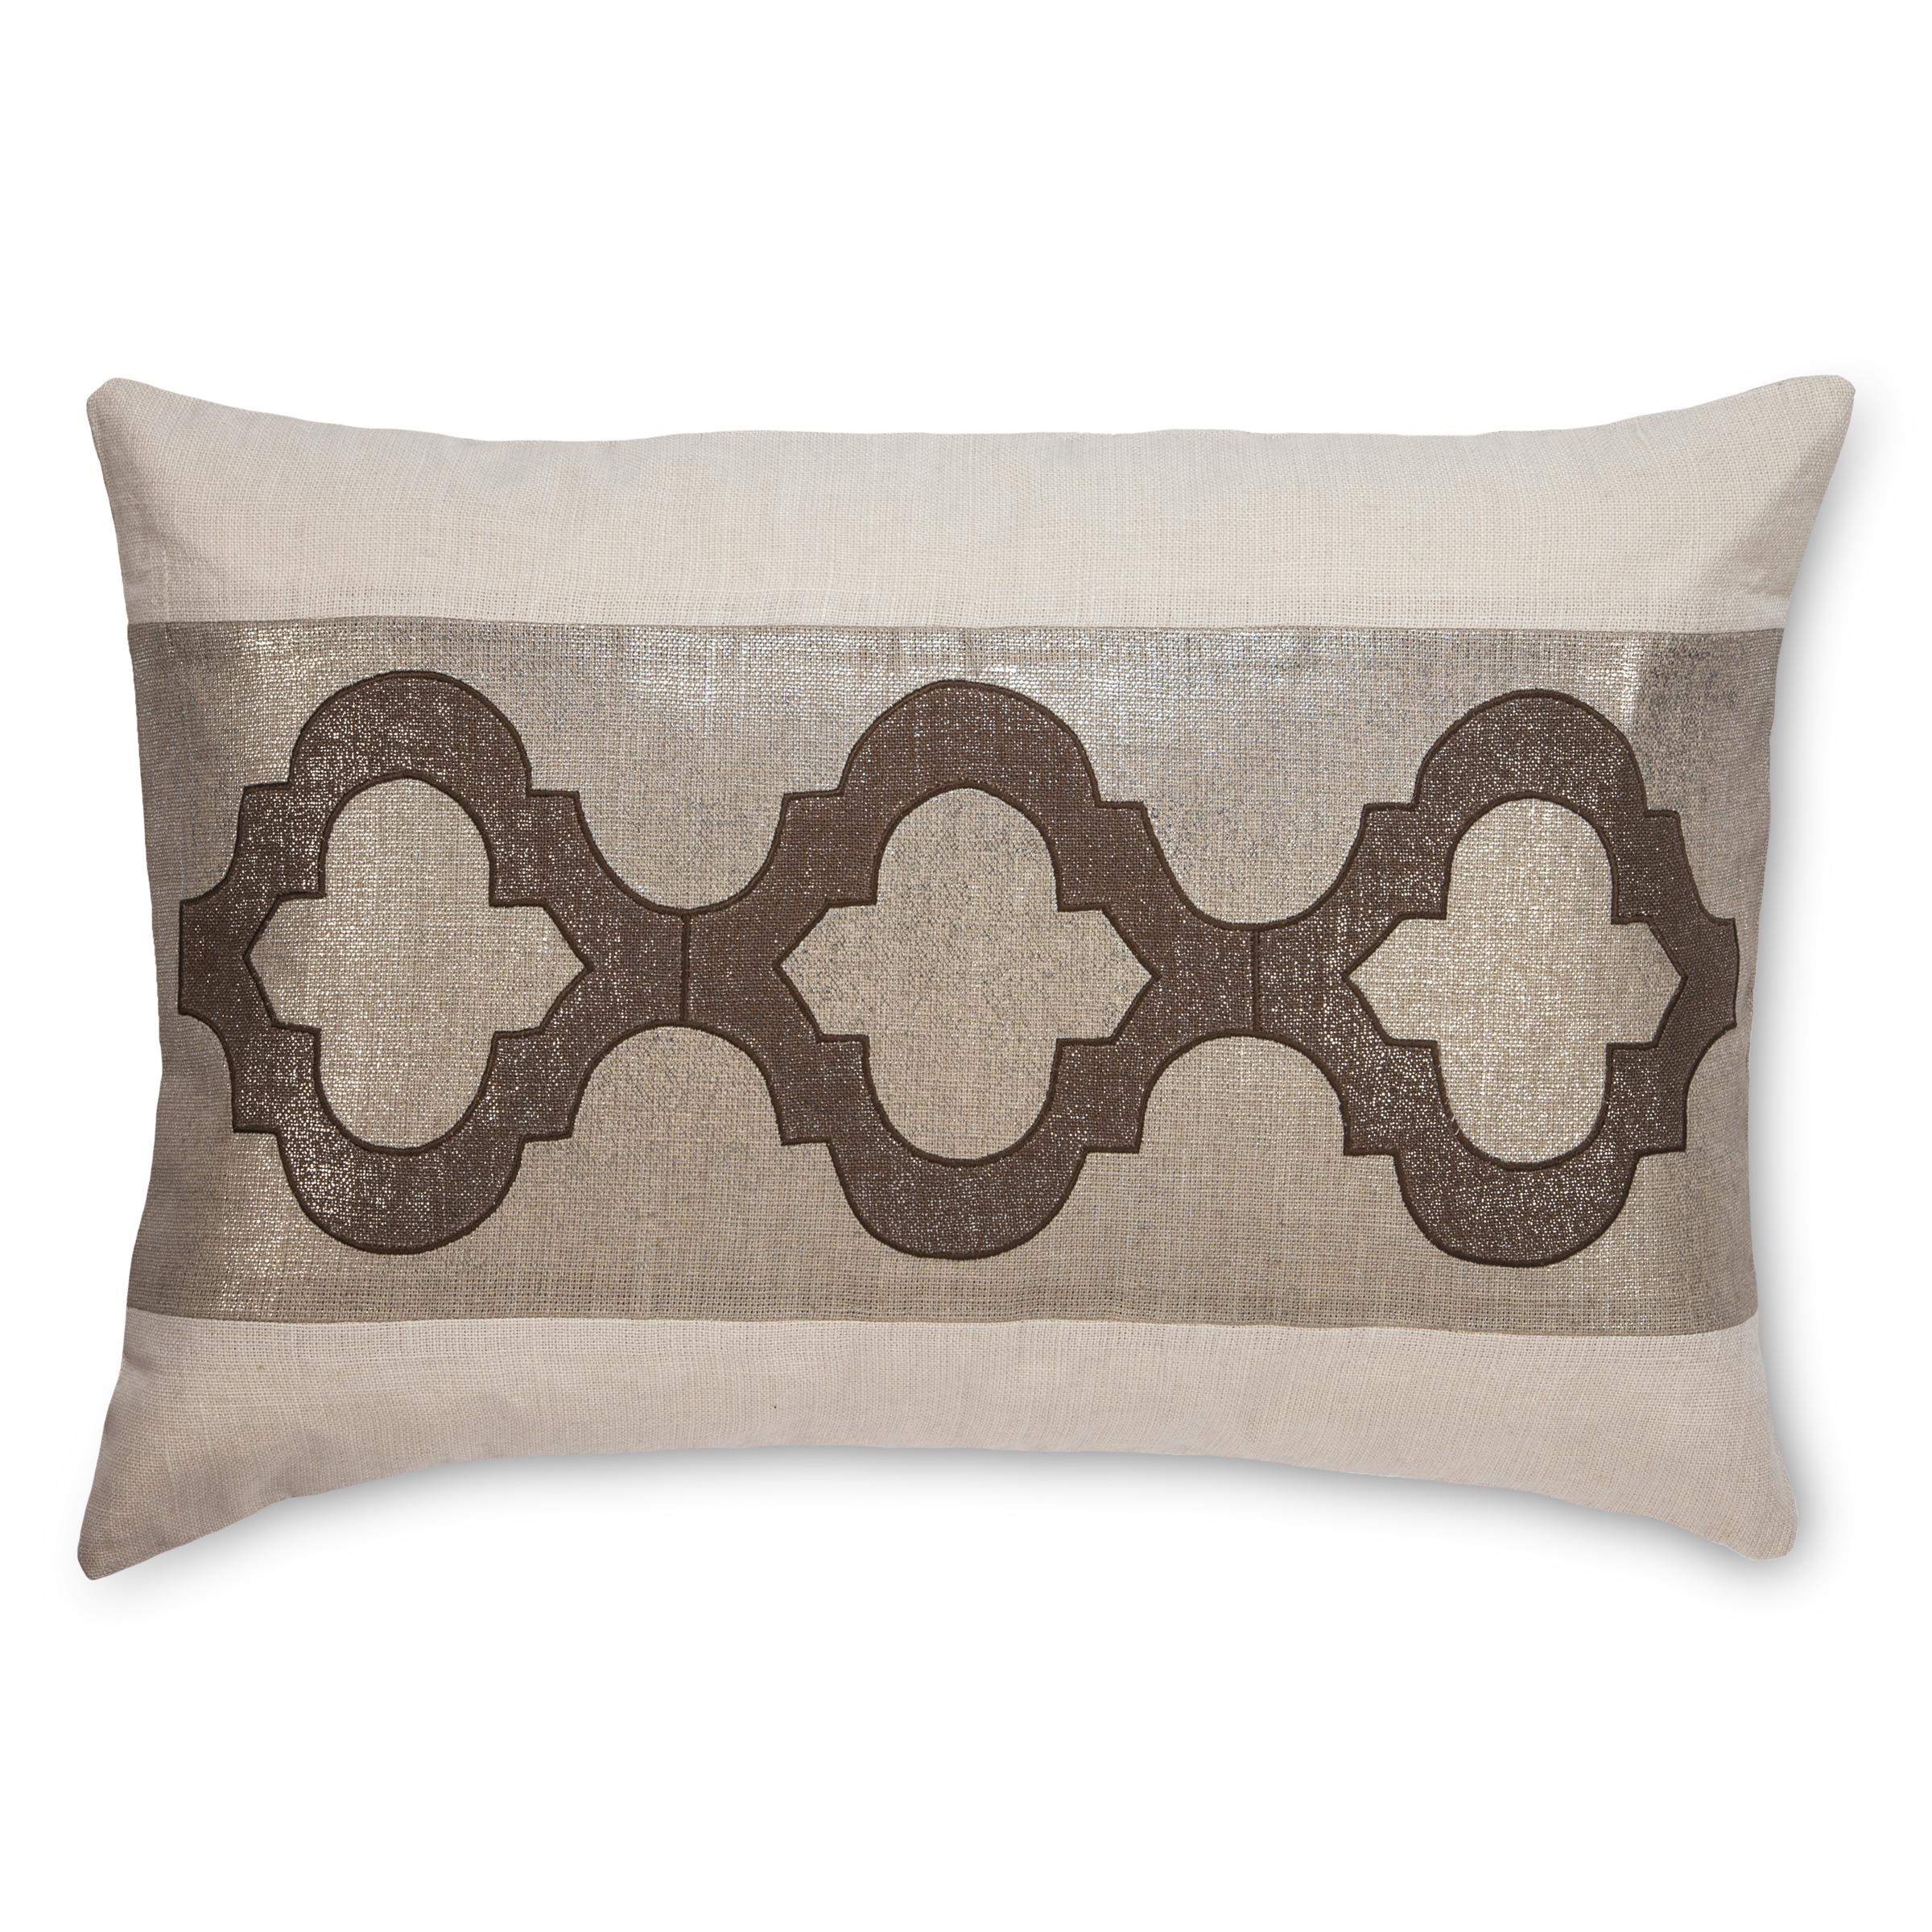 Pulp Home - Ceecee Pillow